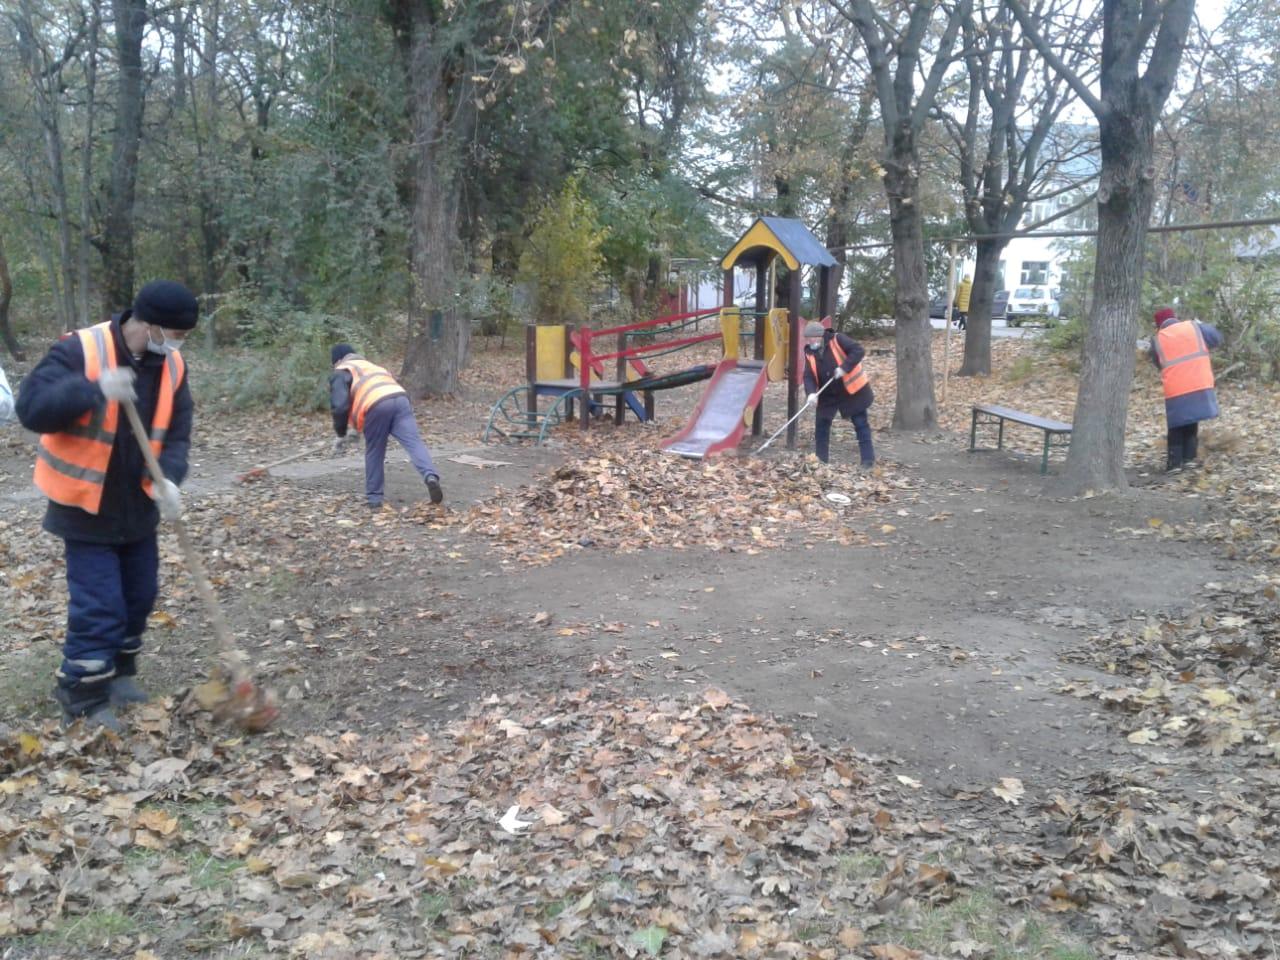 МКУ «Благоустройство»: В Таганроге продолжаются работы по уборке детских игровых площадок